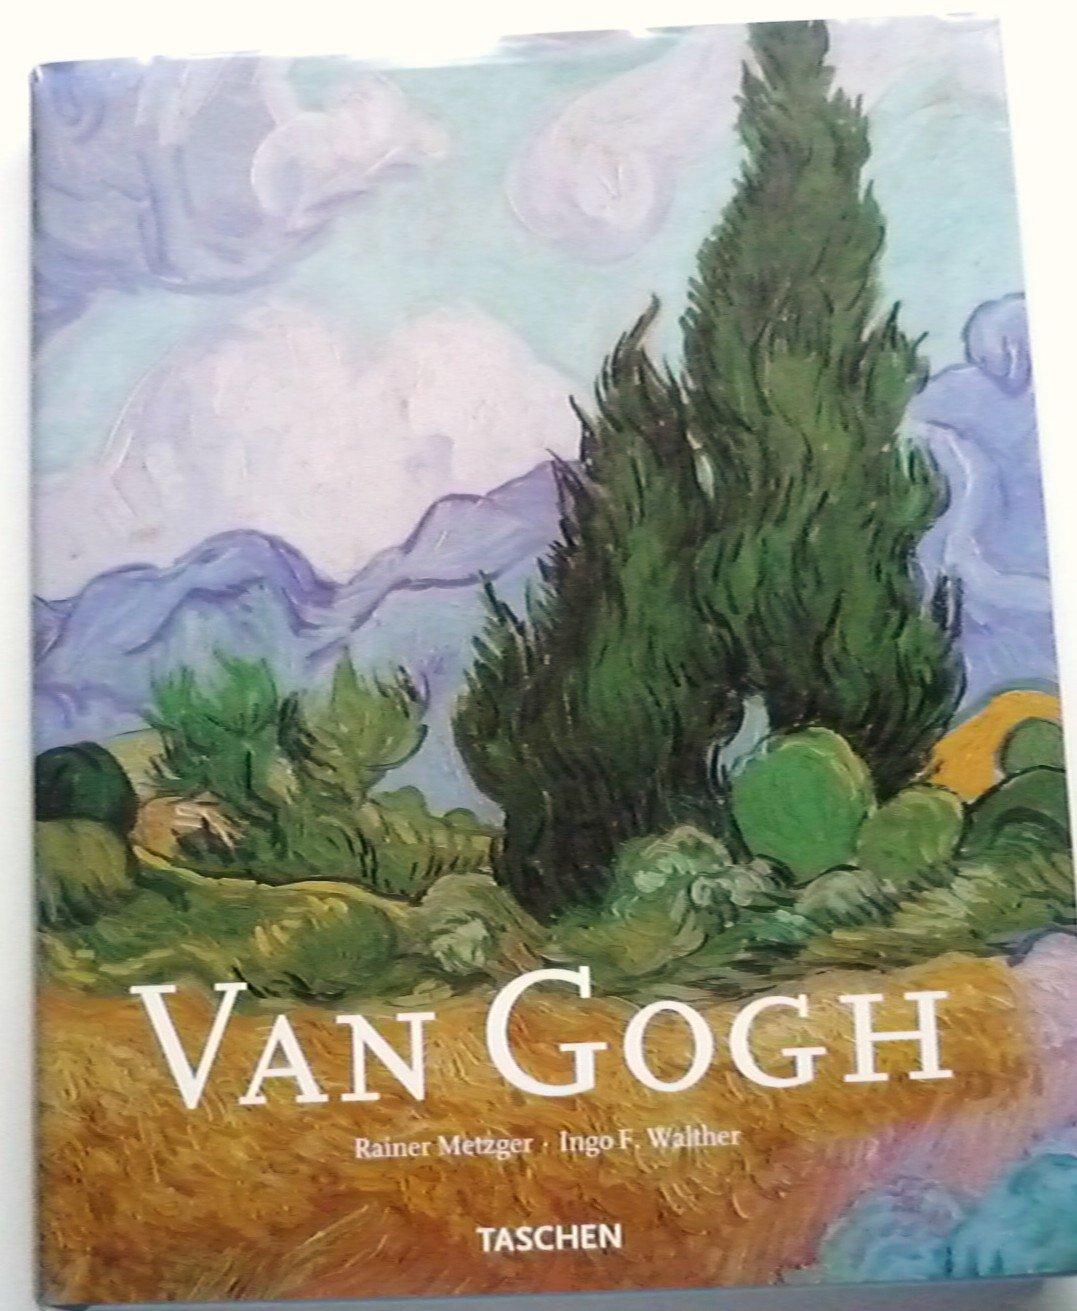 Vincent Van Gogh : 1853-1890 HC 3822872253 Metzger Walther